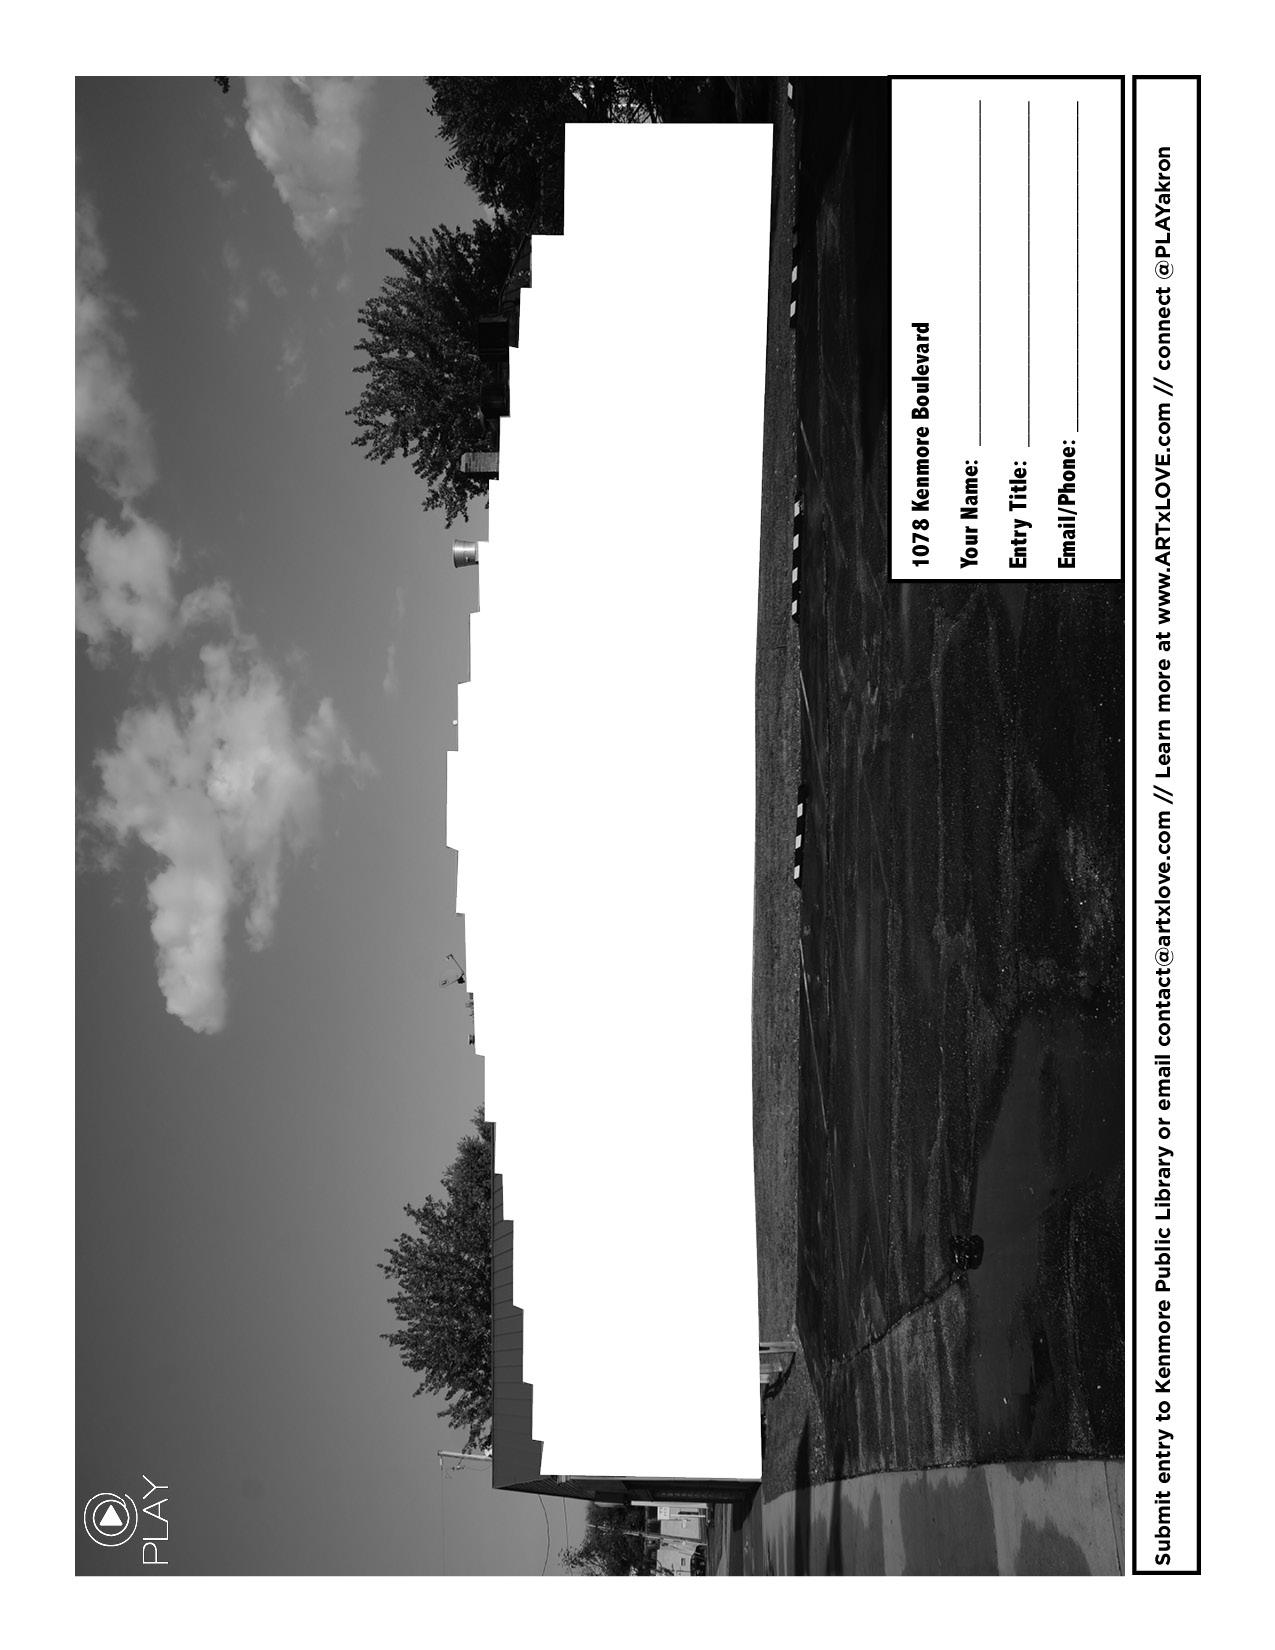 ARTxLOVE_Kenmore-Imagineer_coloring-book_final10.jpg